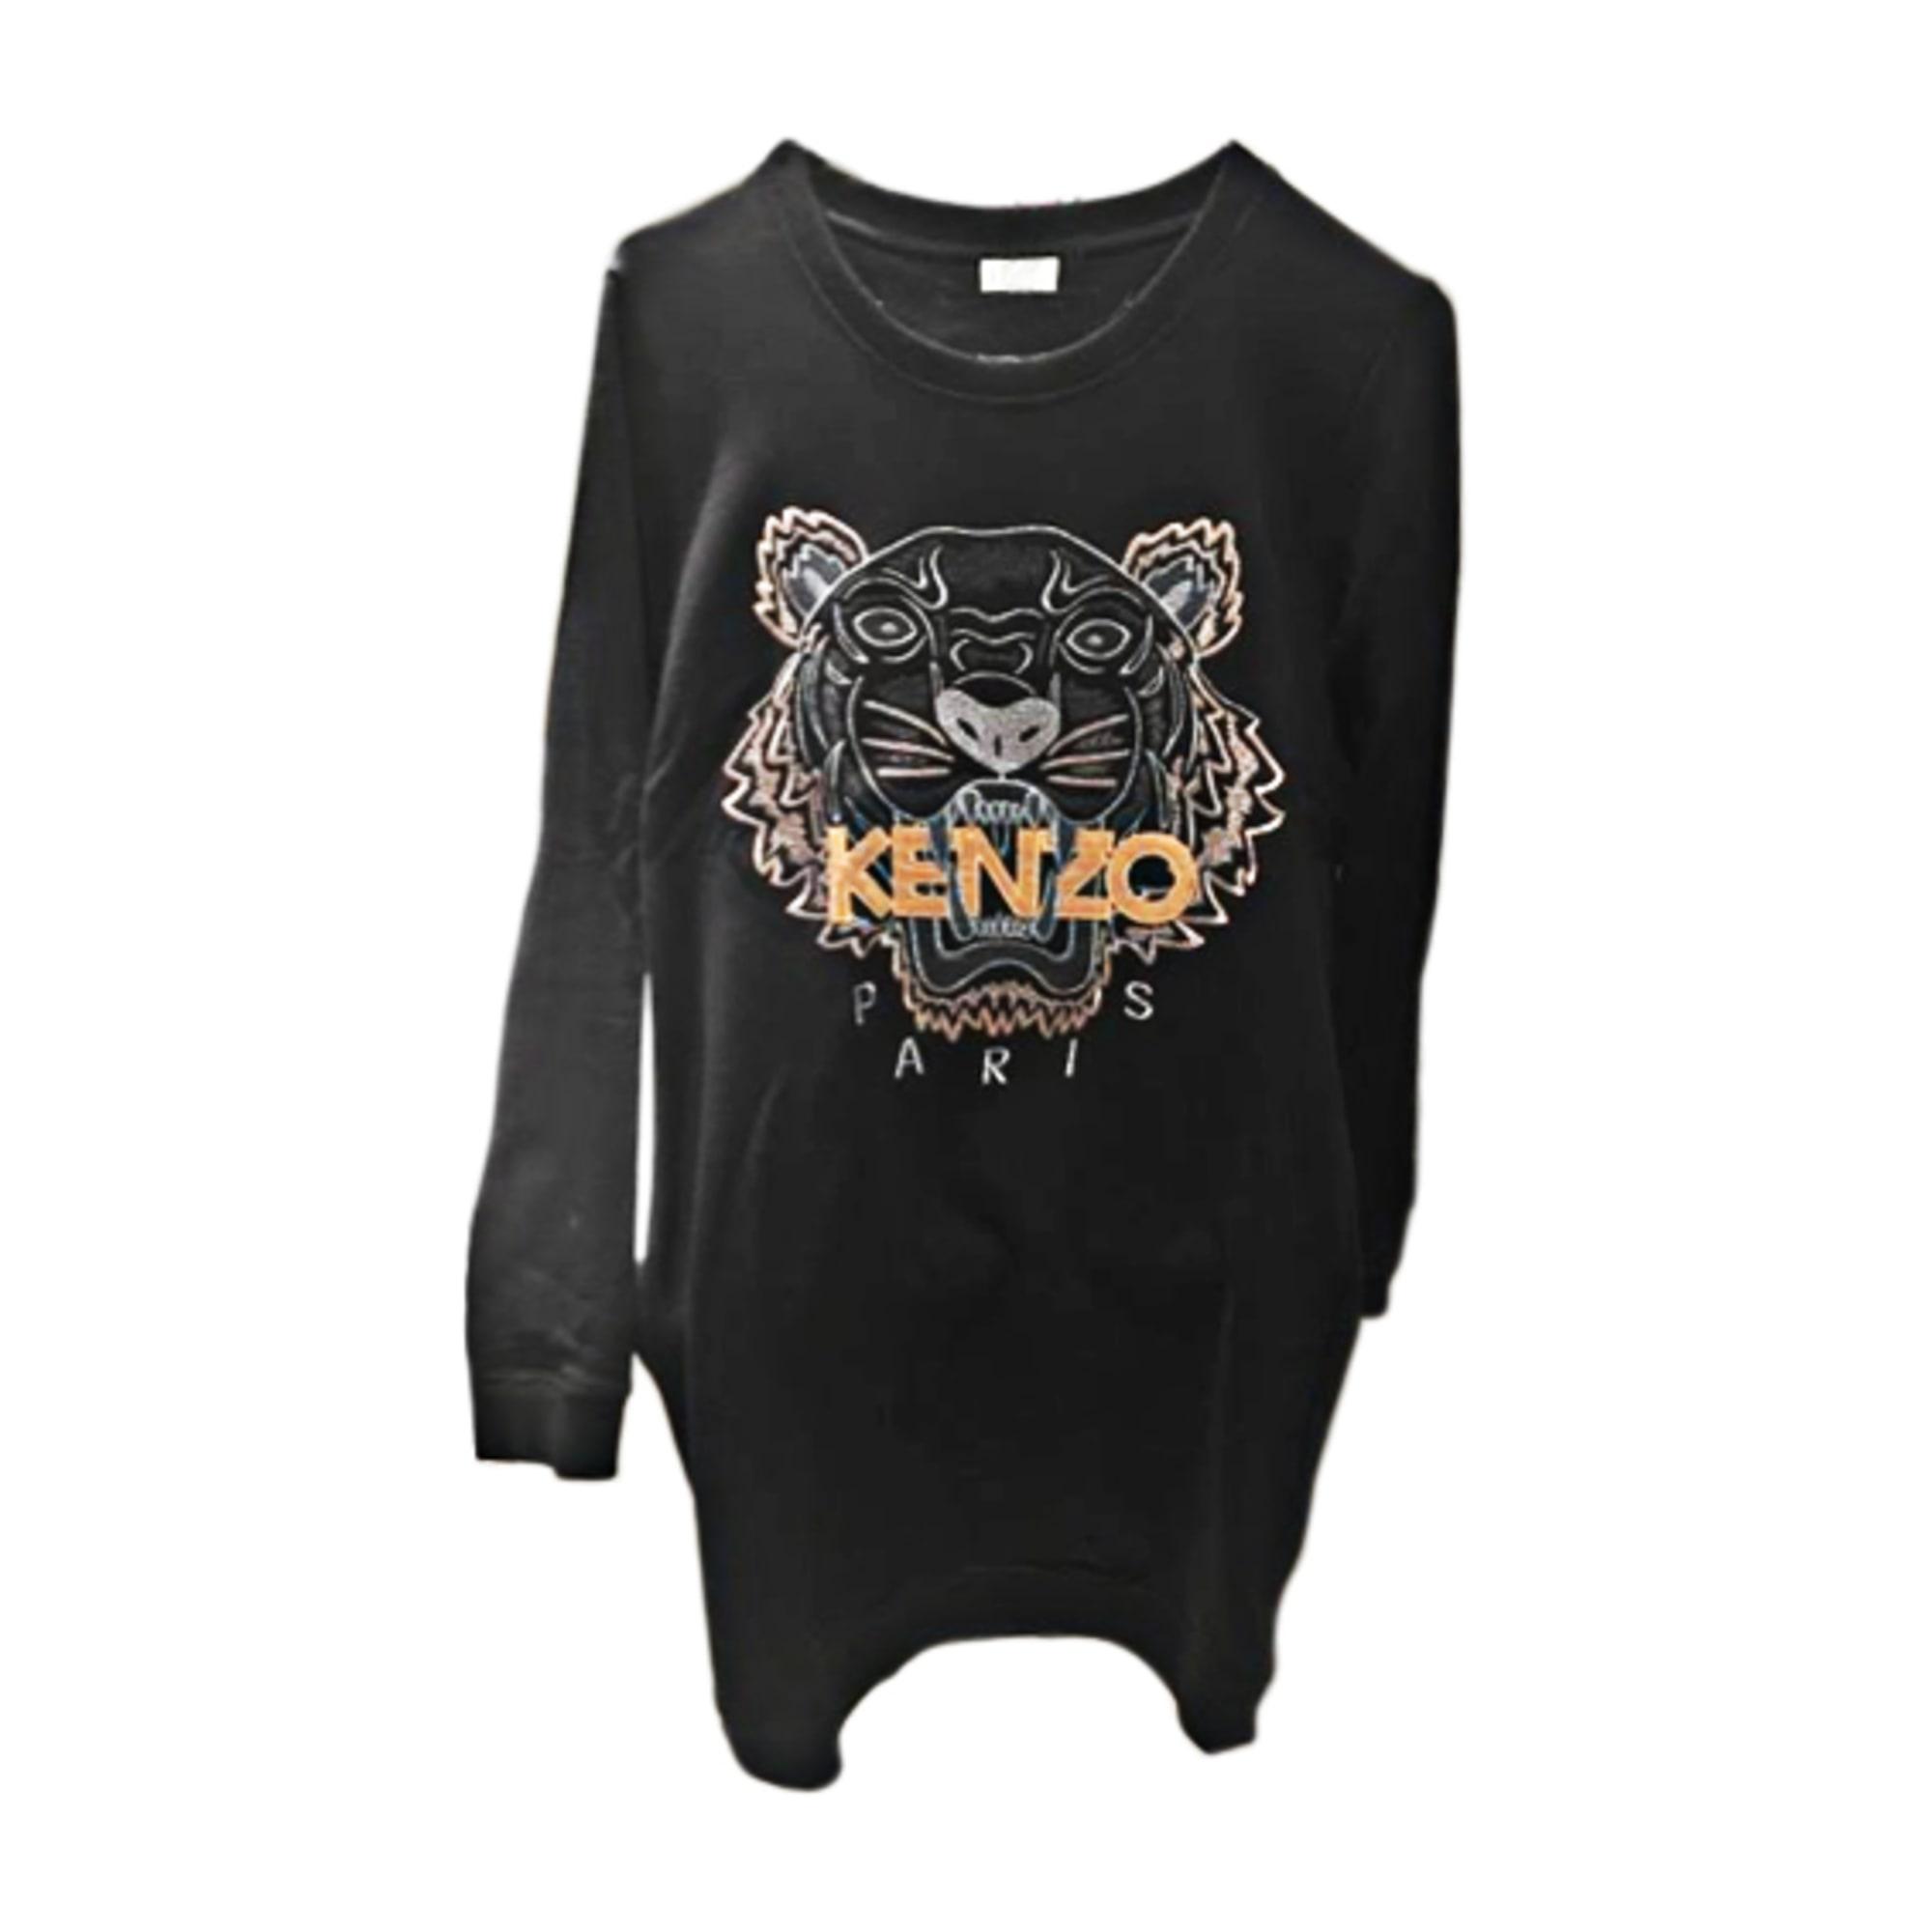 Robe pull KENZO 36 (S, T1) noir dorée vendu par Rim 305 - 6038130 cad805d9fc7